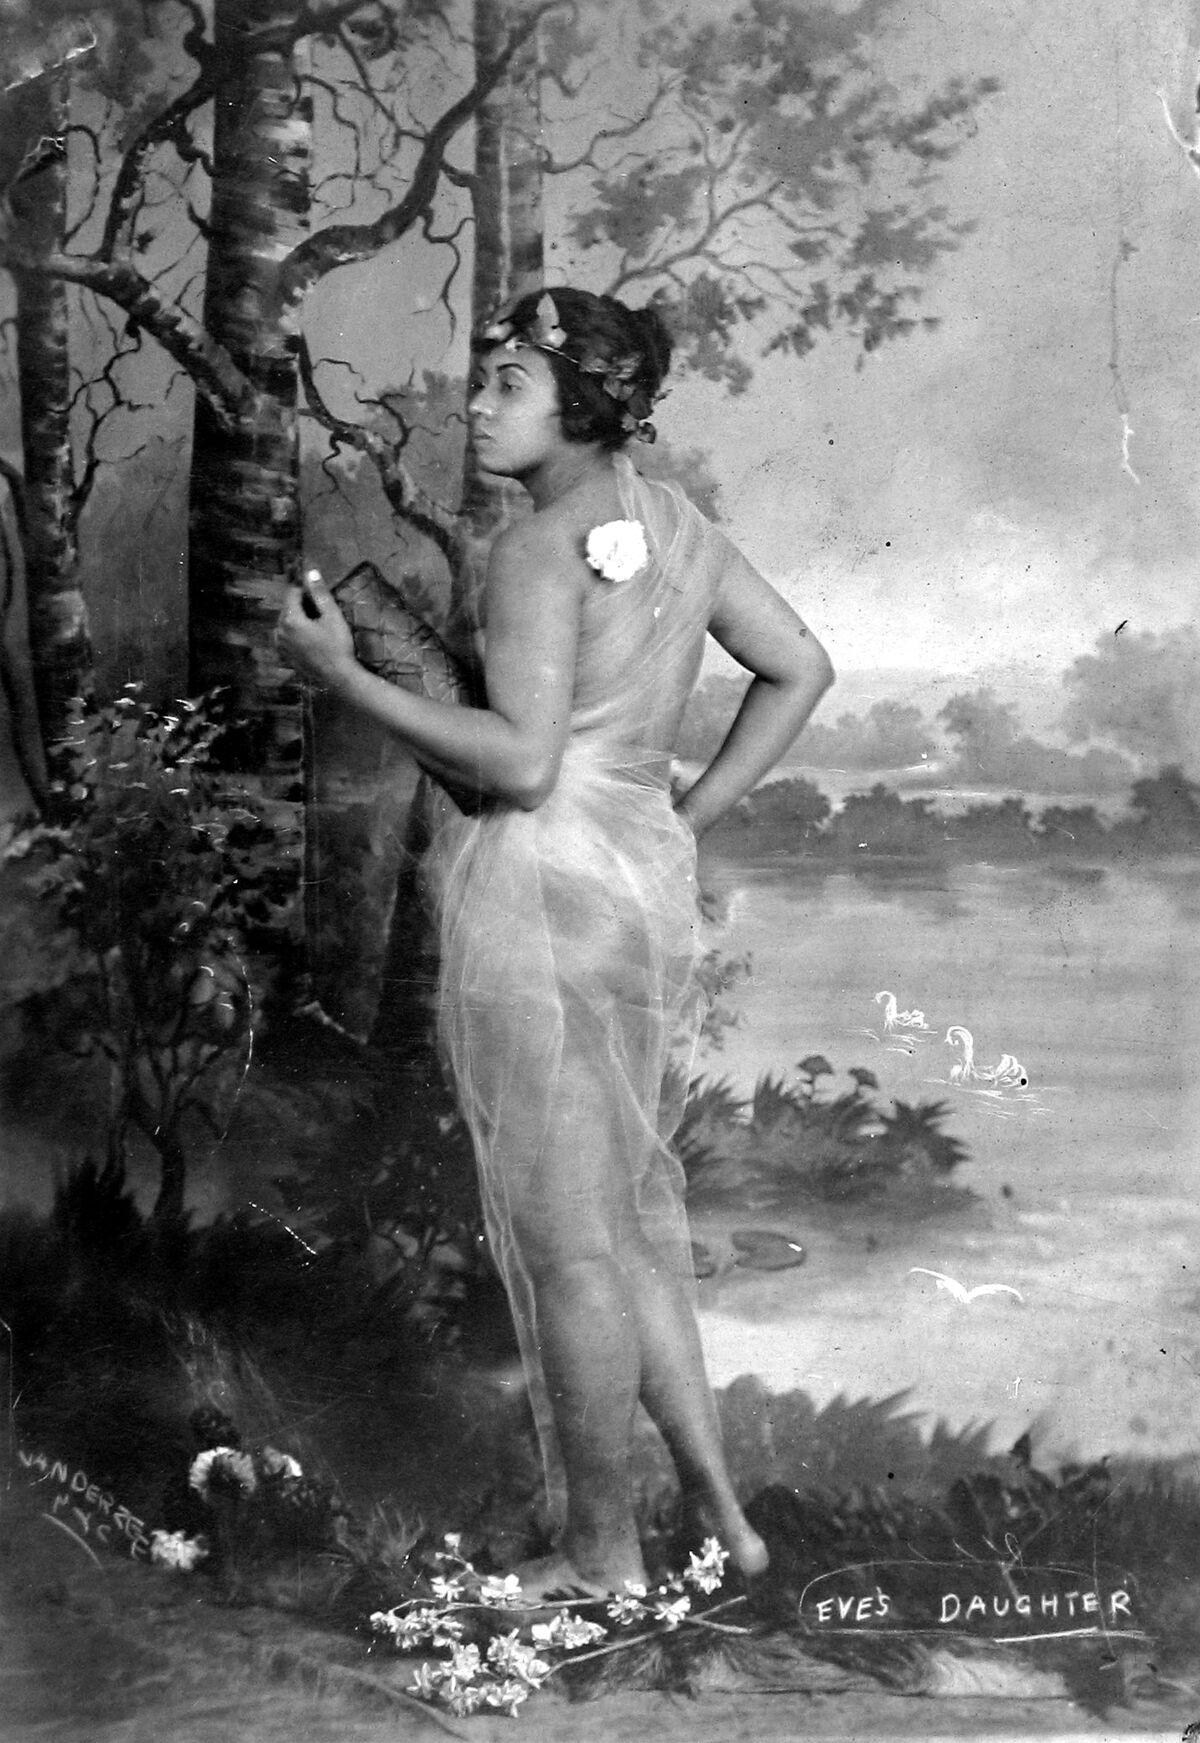 James Van Der Zee, Eve's Daughter, c. 1920. © Donna Mussenden Van Der Zee. Courtesy of Howard Greenberg Gallery, New York.